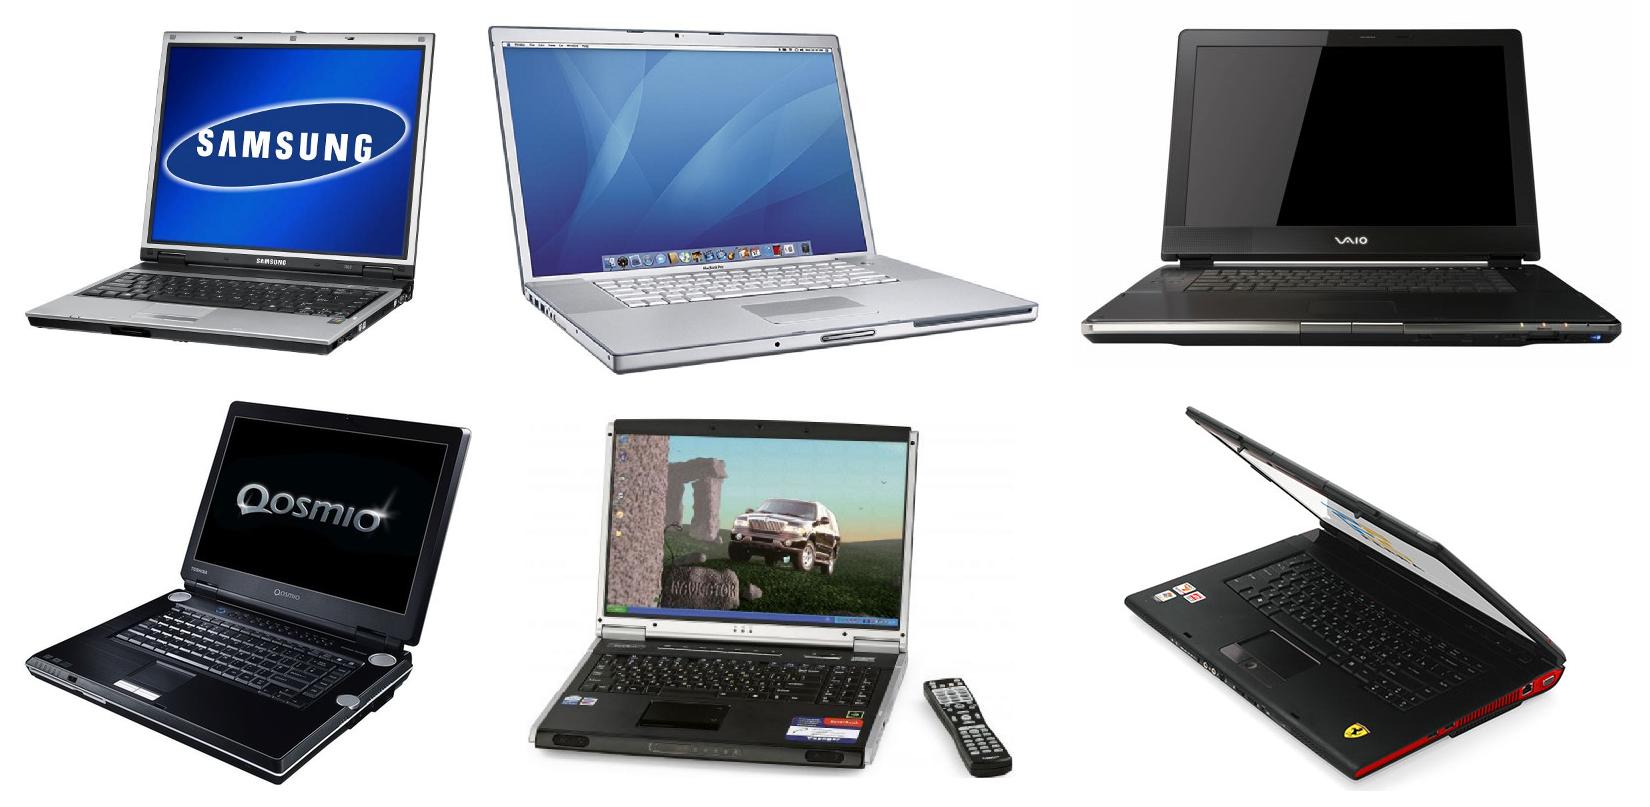 Вперёд в прошлое: ноутбуки 2006 года, которые мы покупали в России - 1